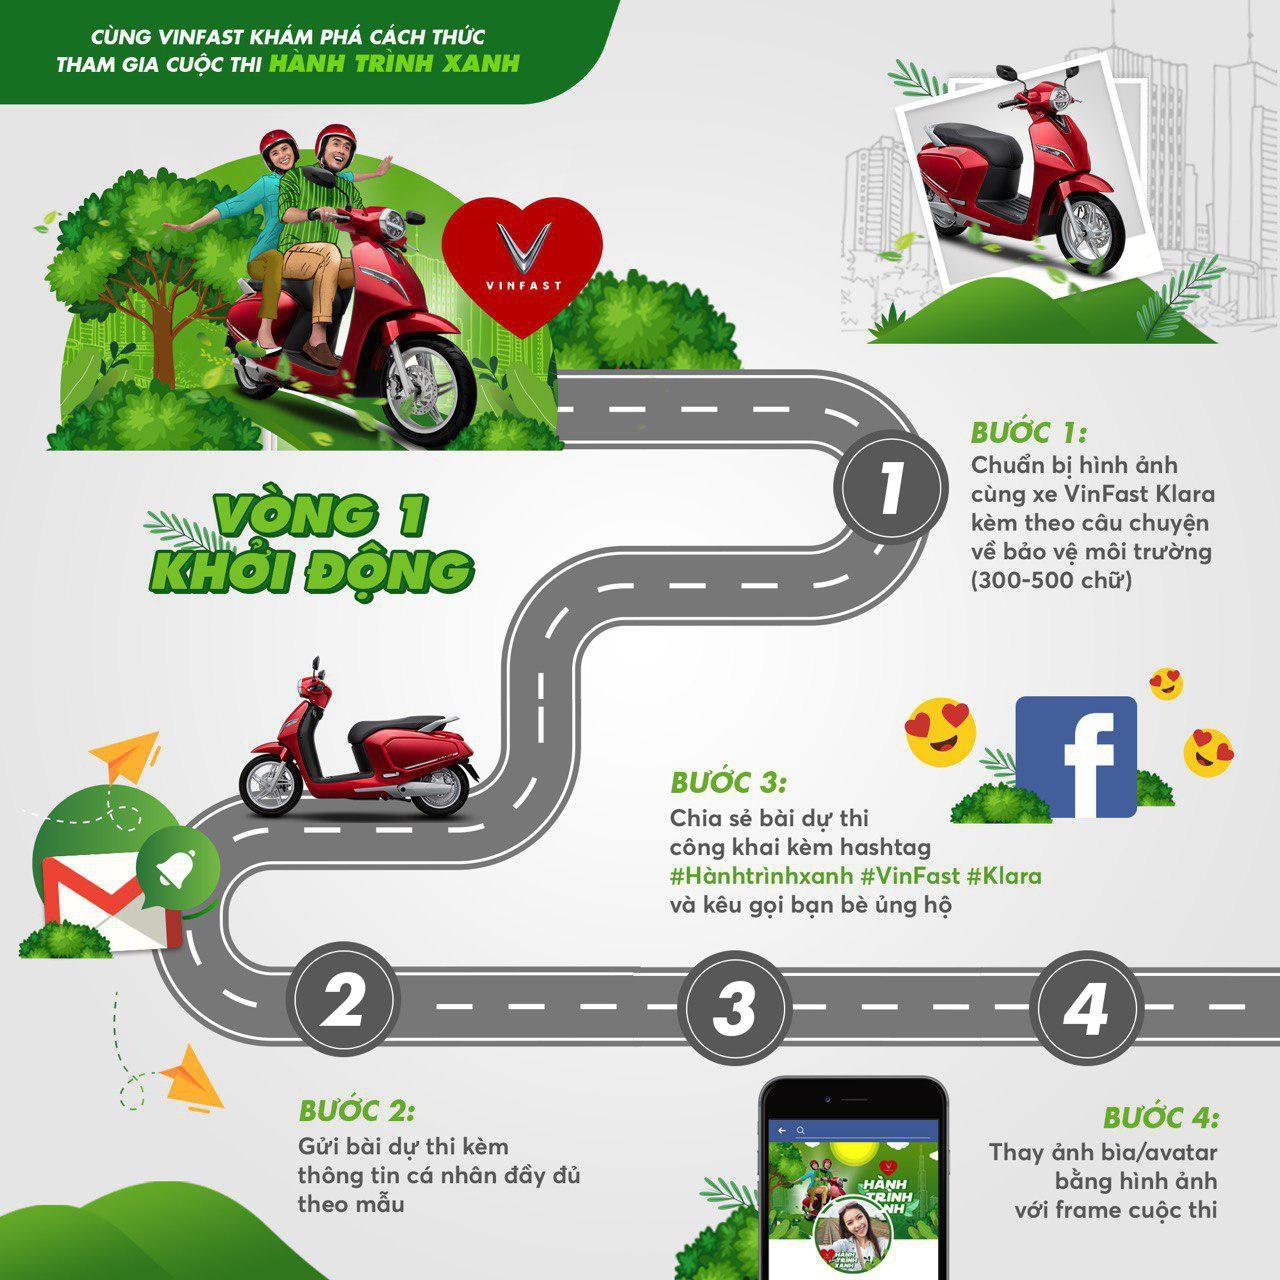 Sống xanh, lái xe máy điện VinFast tham gia Hành Trình Xanh nhận giải thưởng lớn - Ảnh 3.